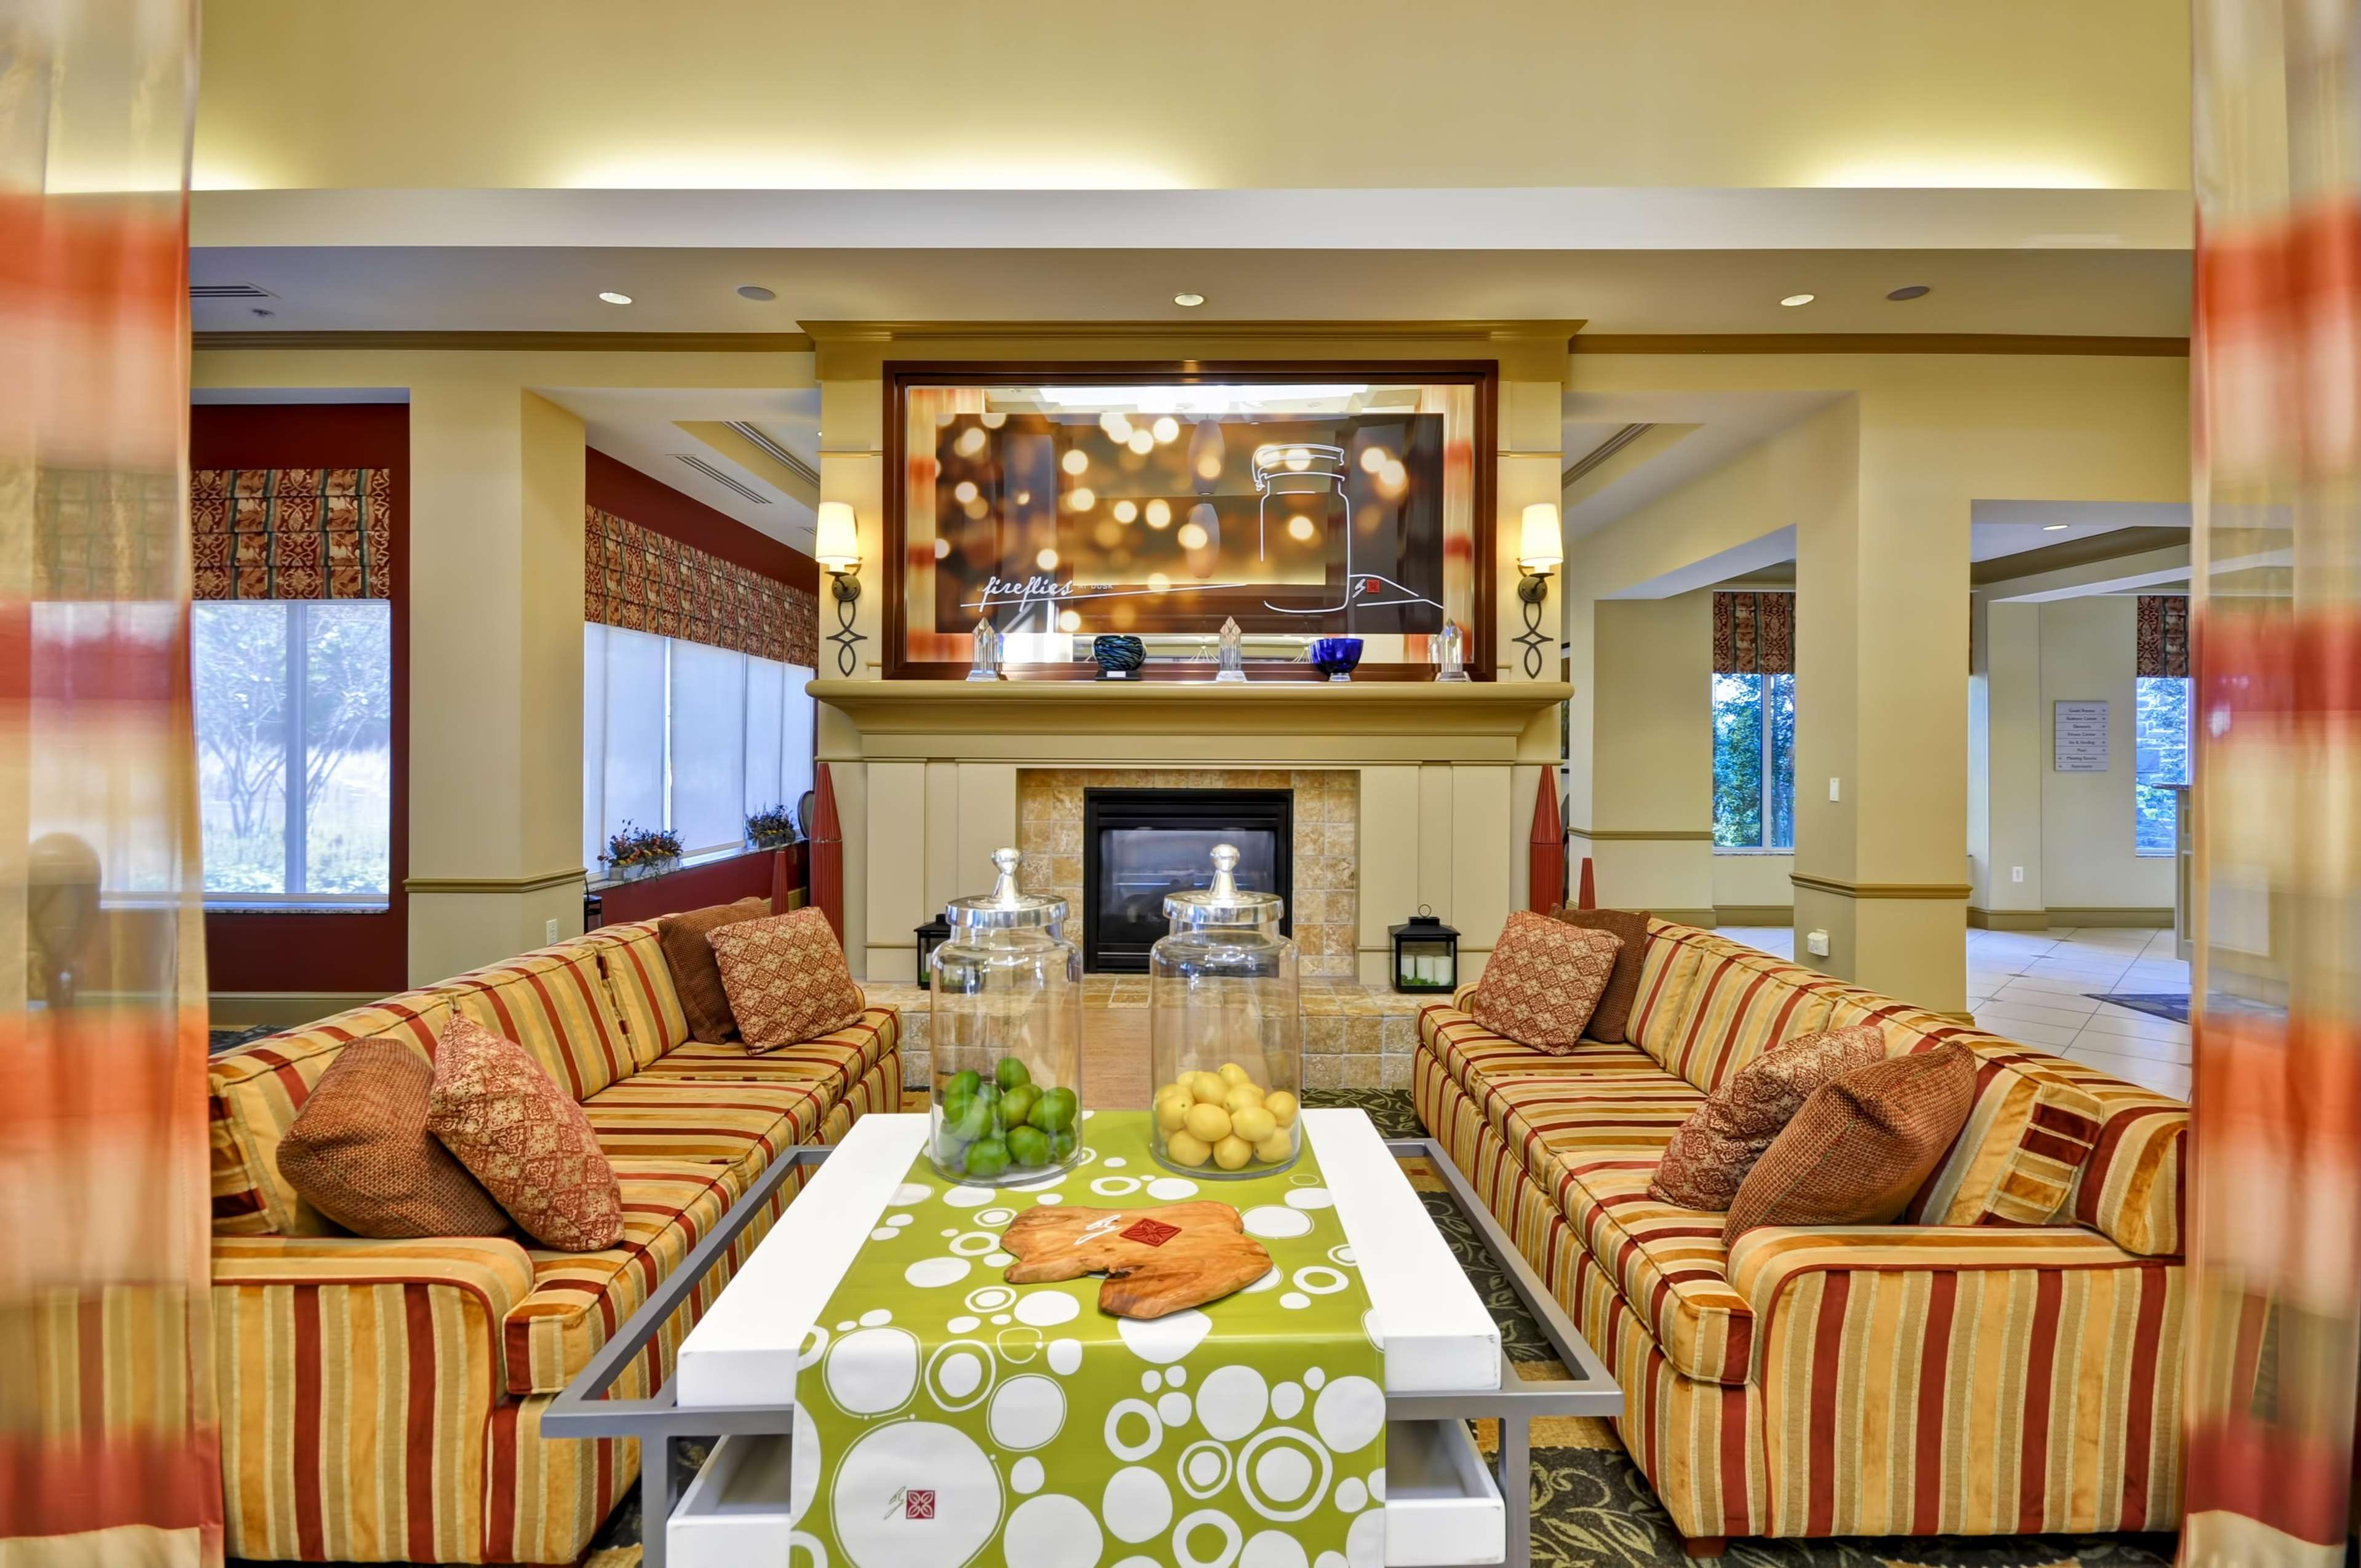 Hilton Garden Inn Blacksburg 900 Plantation Rd Blacksburg, VA Hotels ...